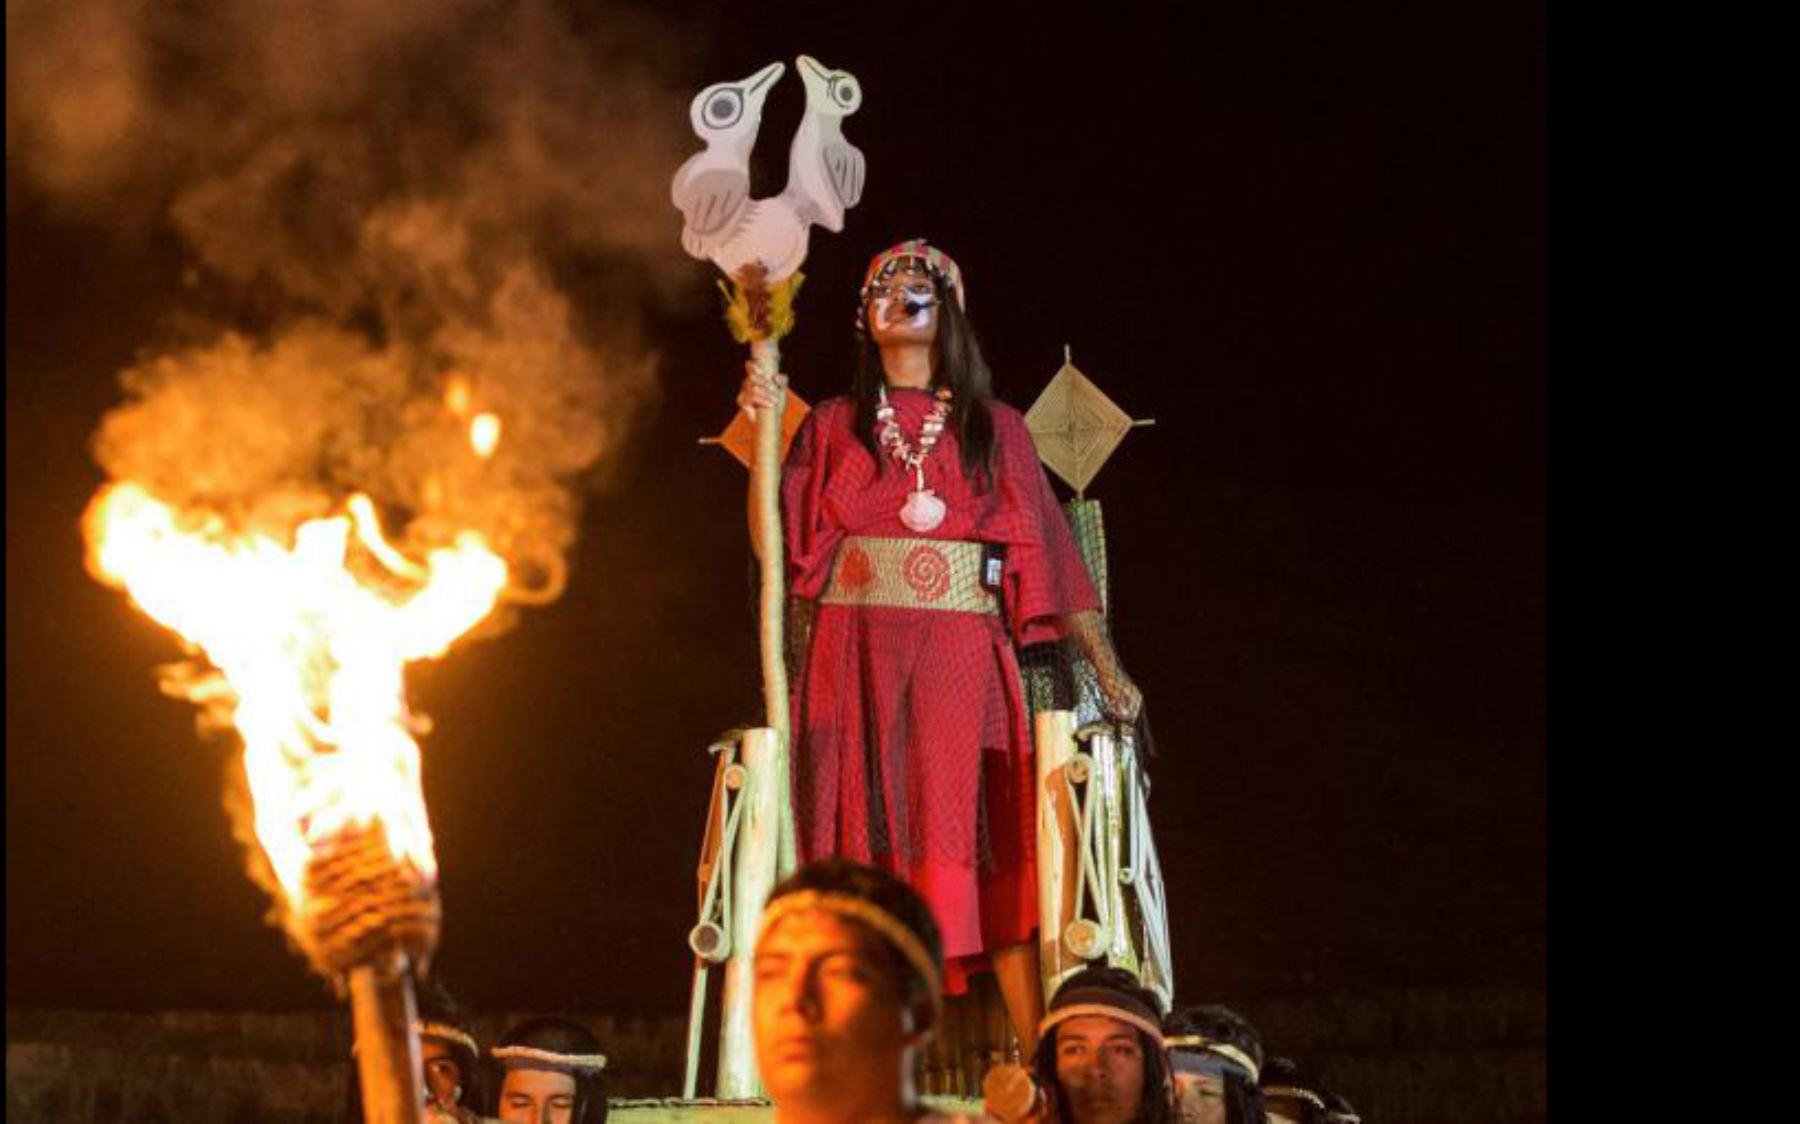 Representación de la sacerdotisa de la civilización Caral, desarrollada hace 5,000 años. Foto: ANDINA/Proyecto Arqueológico Caral